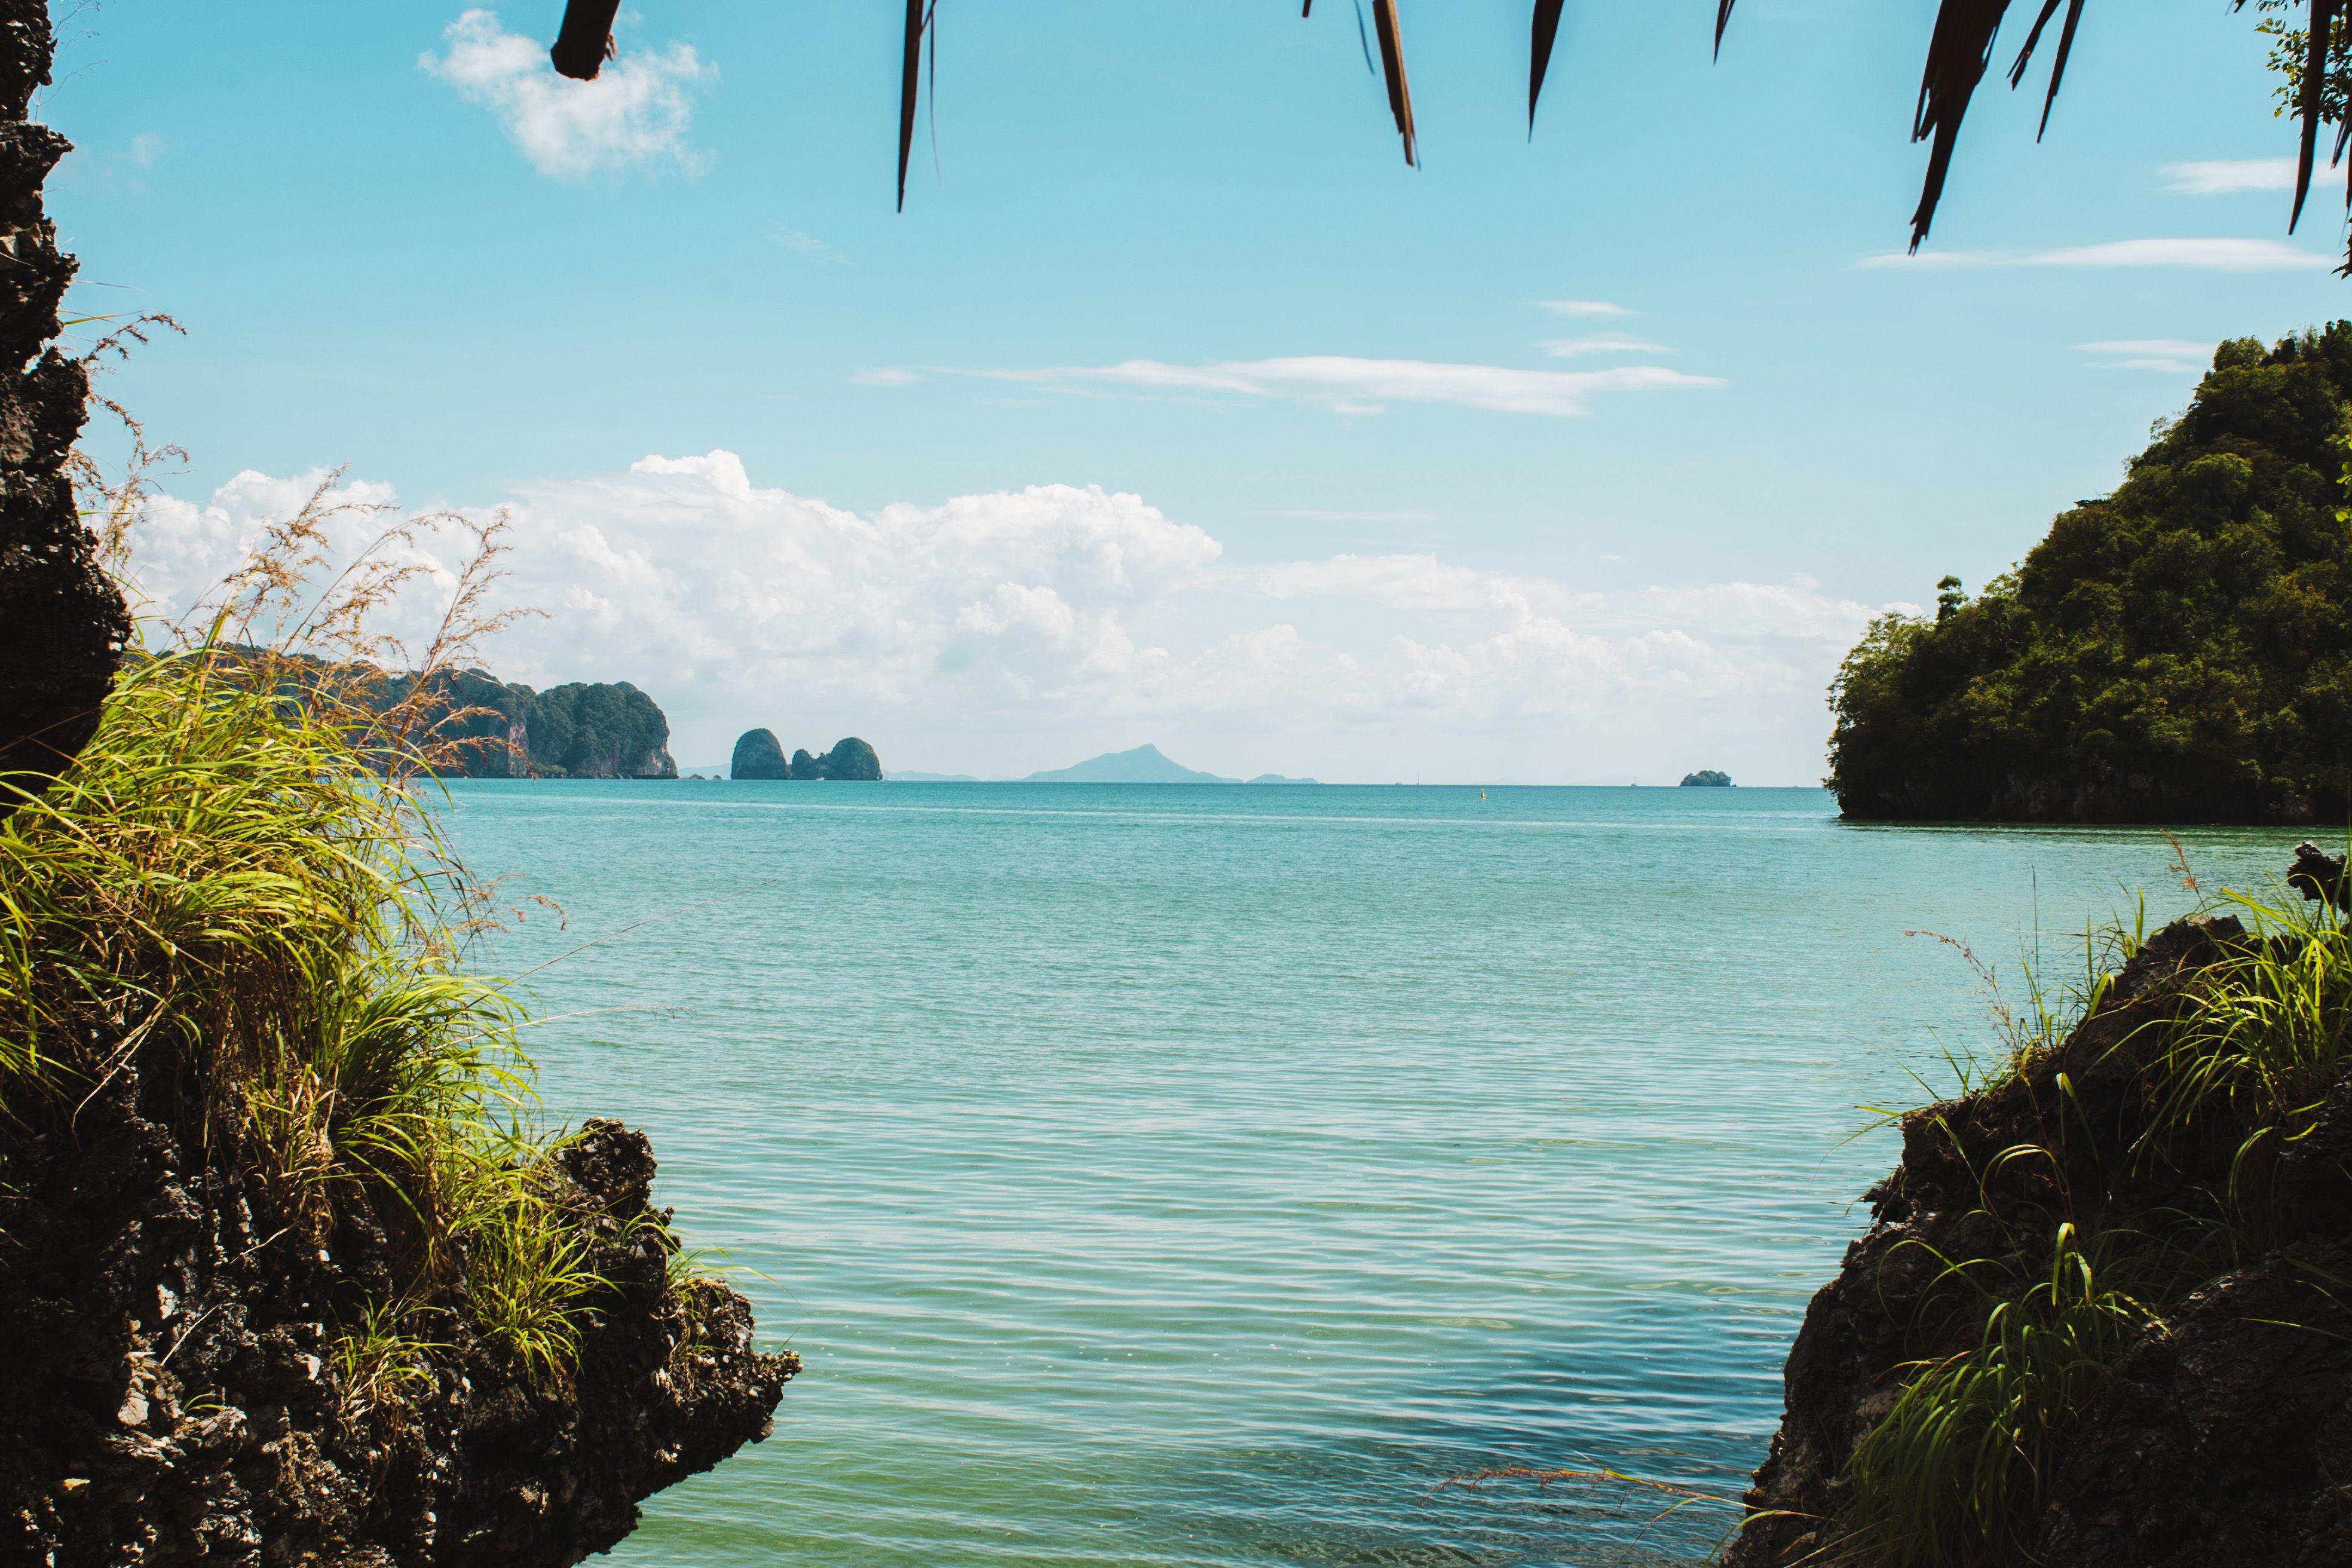 La vista del océano desde una cabaña en Krabi